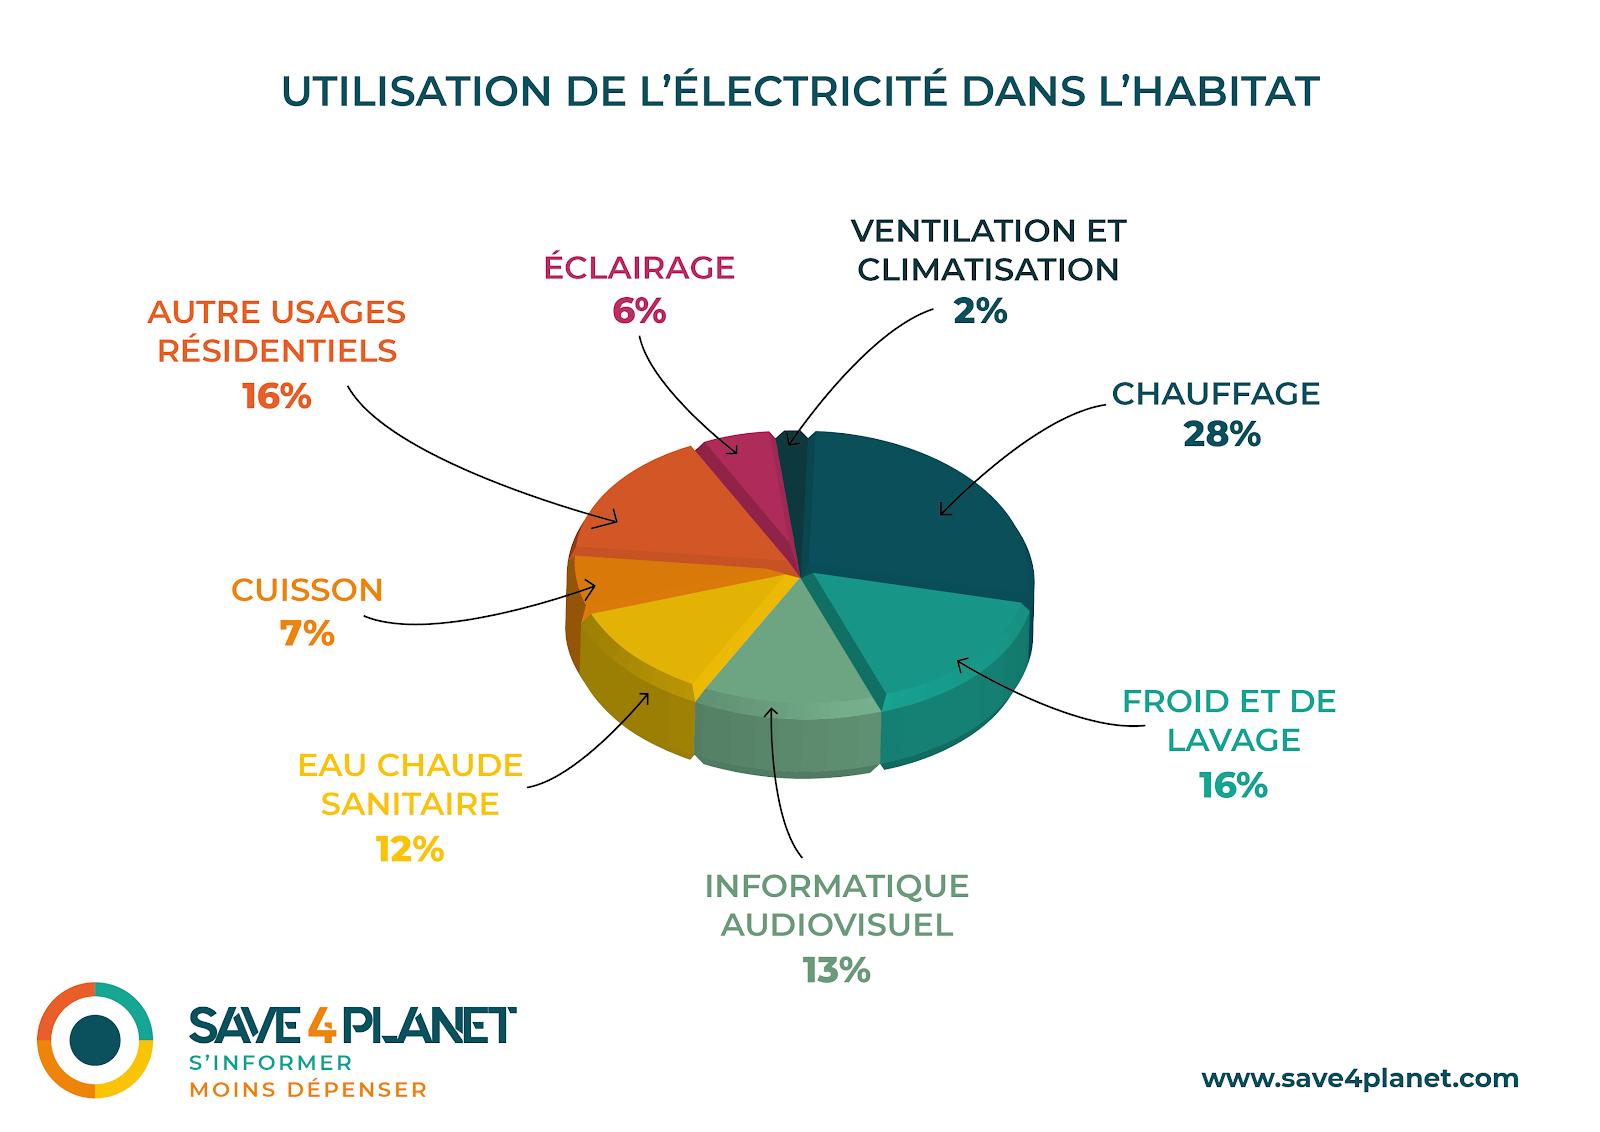 Illustration de l'utilisation de l'electricite dans l'habitat en France